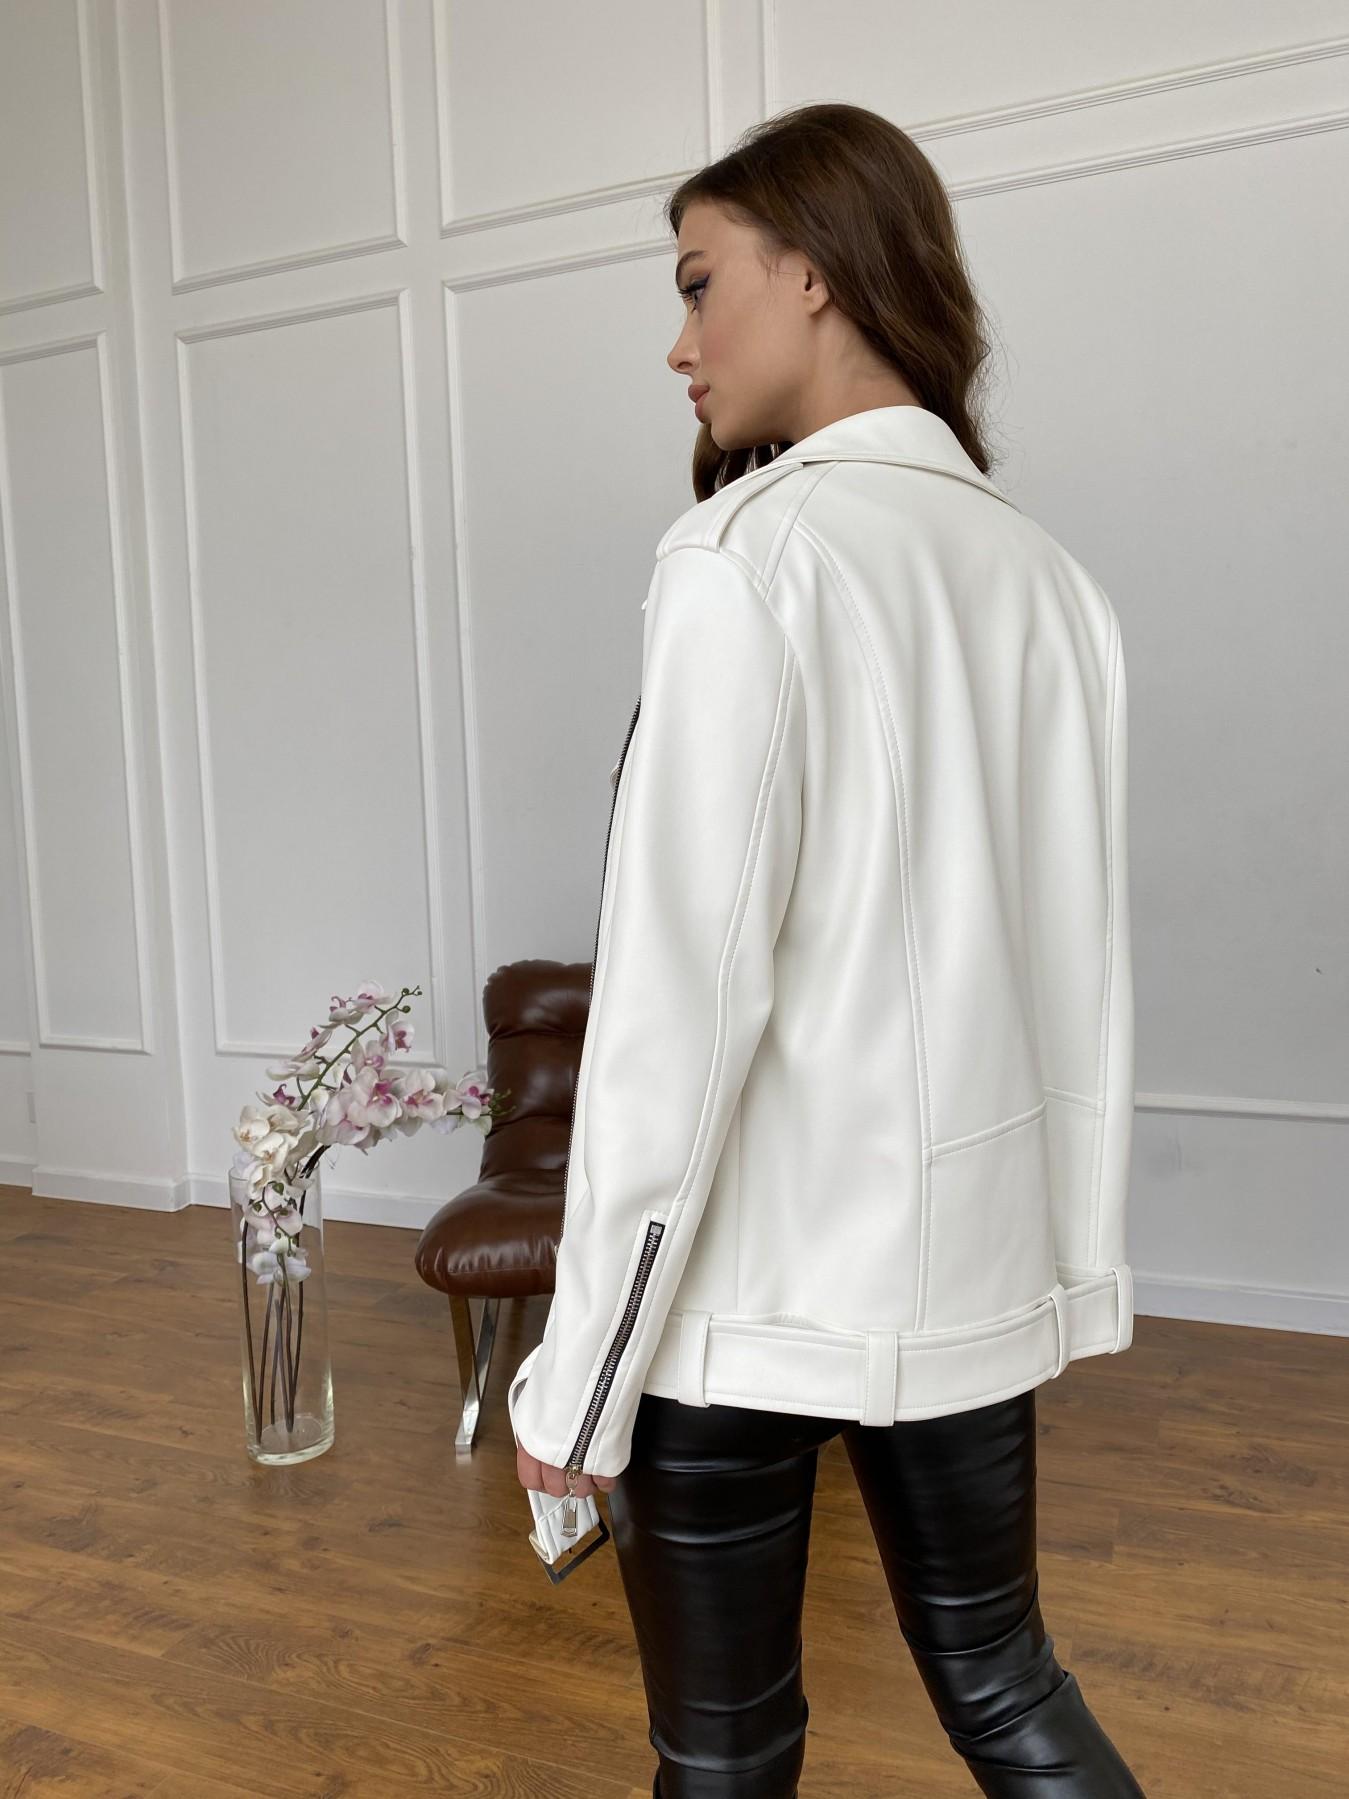 Босс куртка из экокожи прокатанной  11173 АРТ. 47683 Цвет: Молоко - фото 10, интернет магазин tm-modus.ru